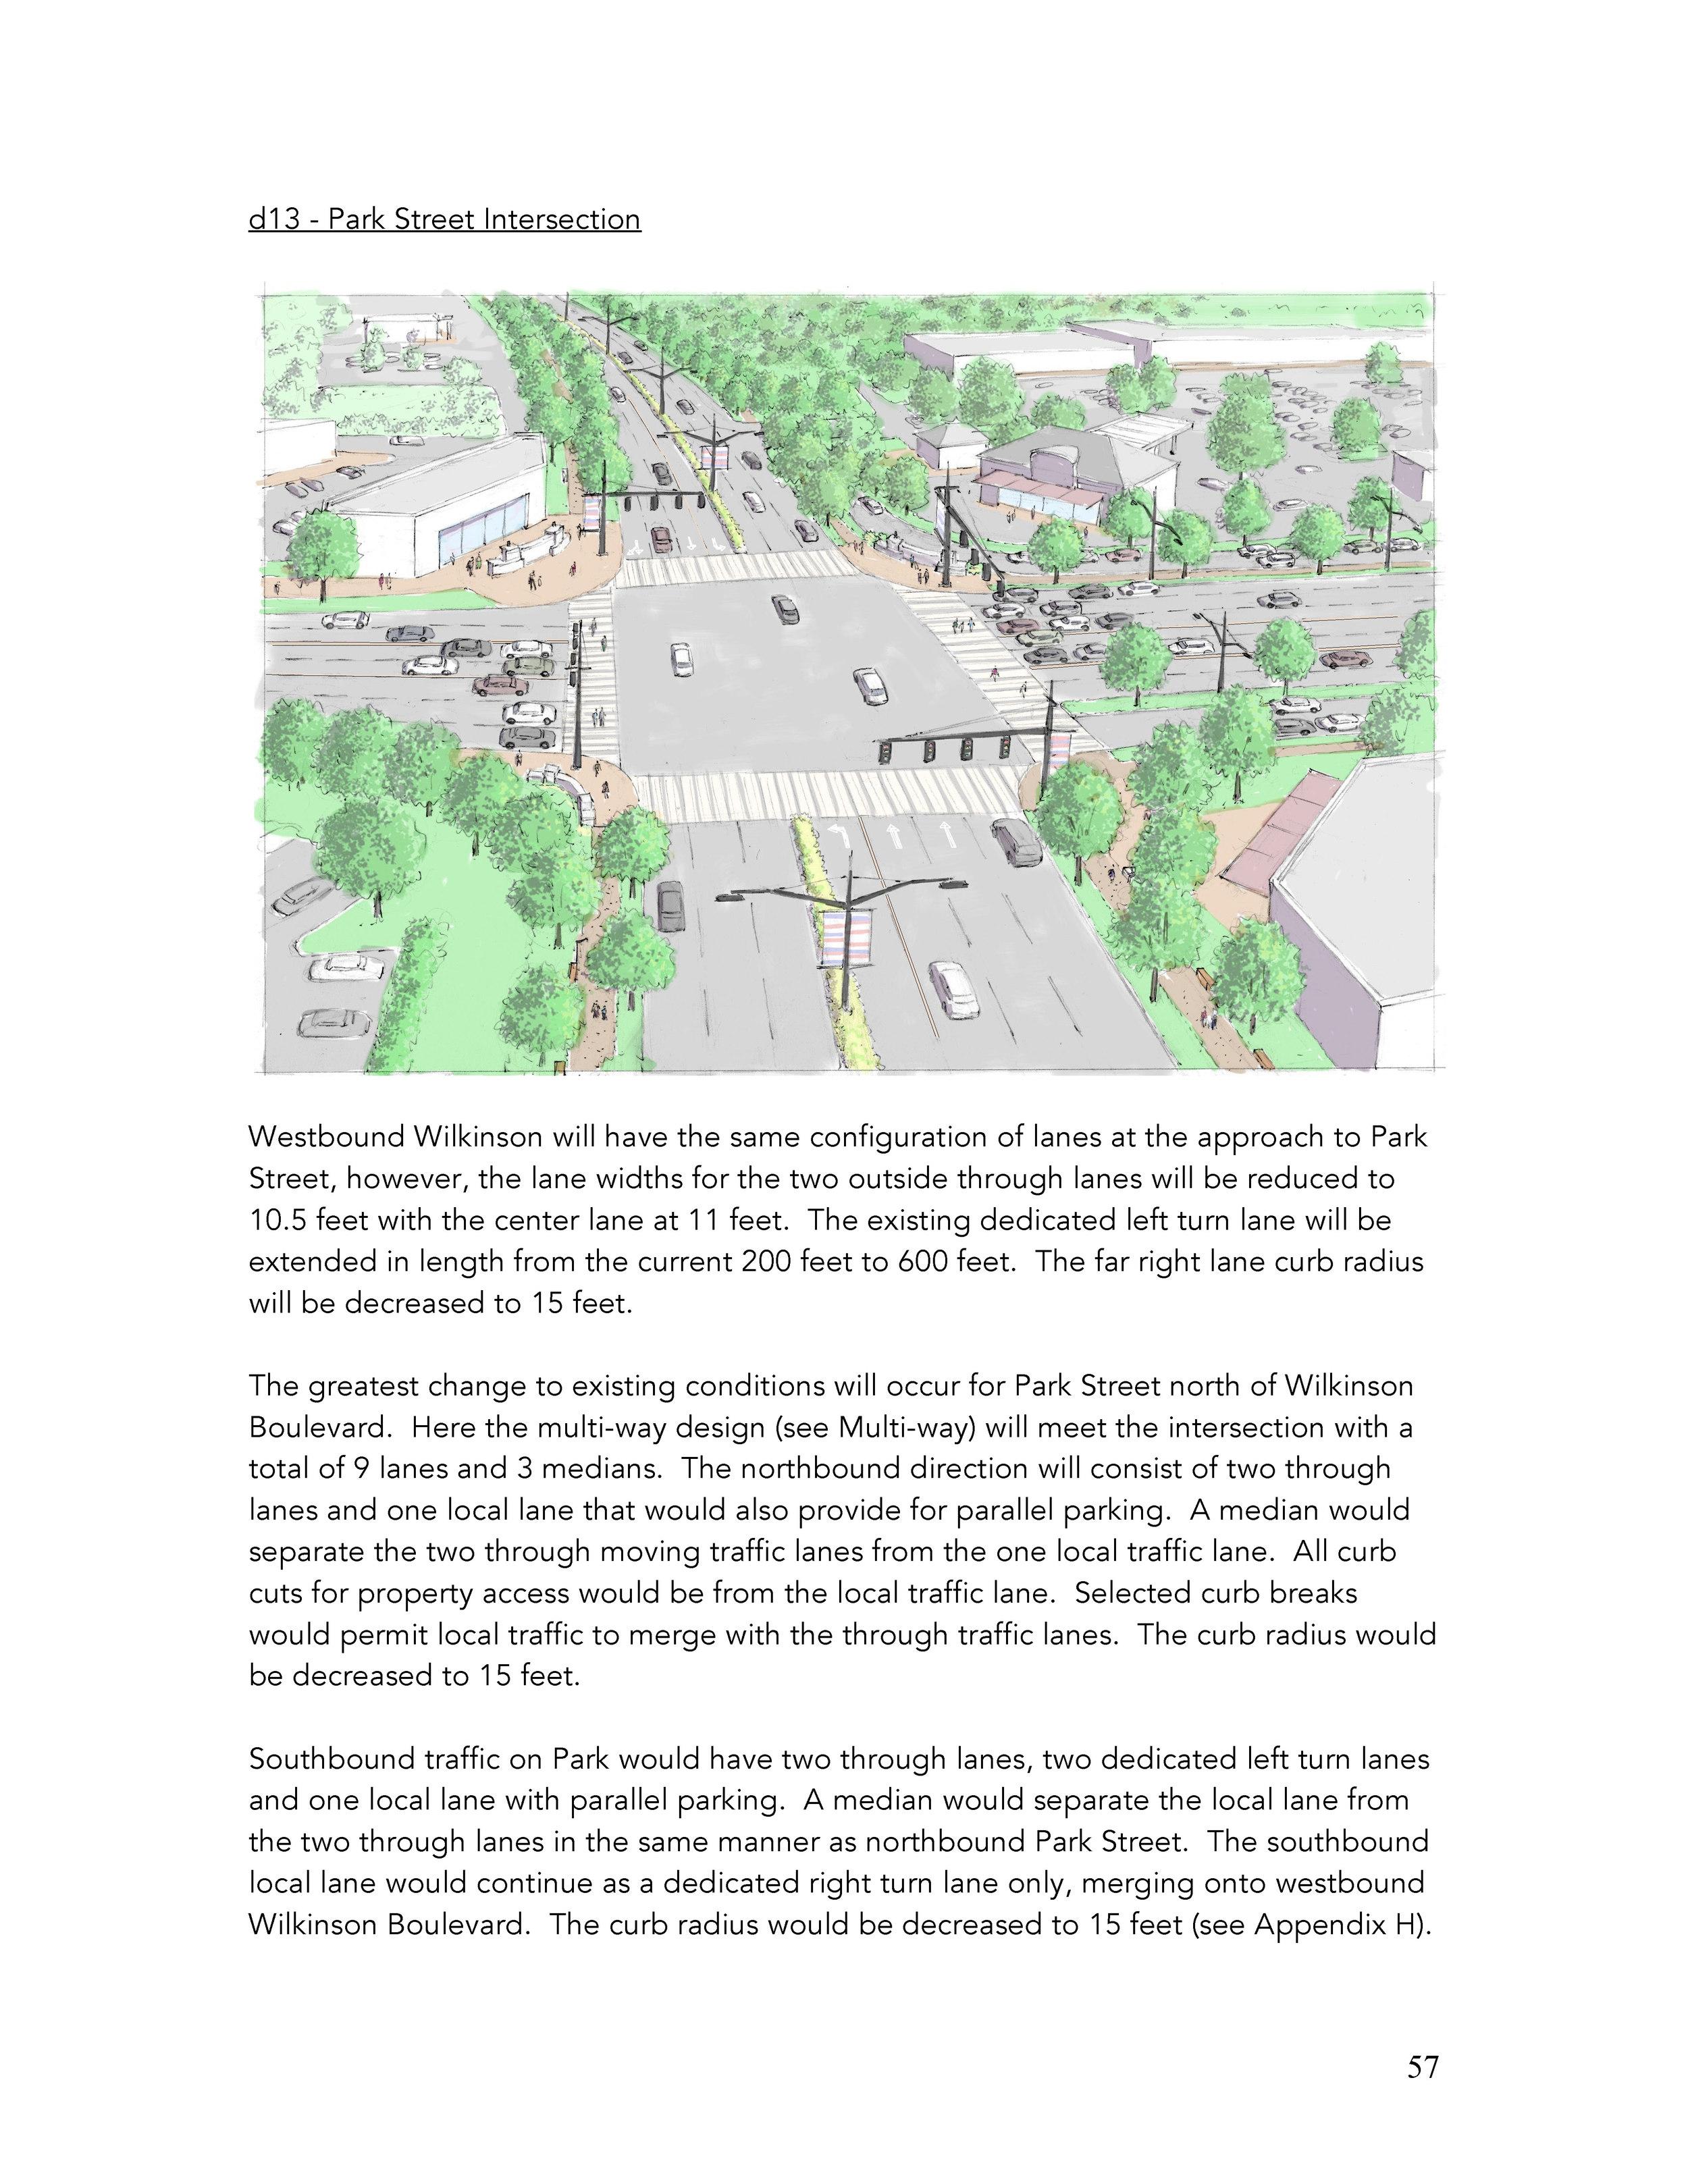 1 WilkinsonBlvd Draft Report 1-22-15 RH_Peter Edit_Page_57.jpg